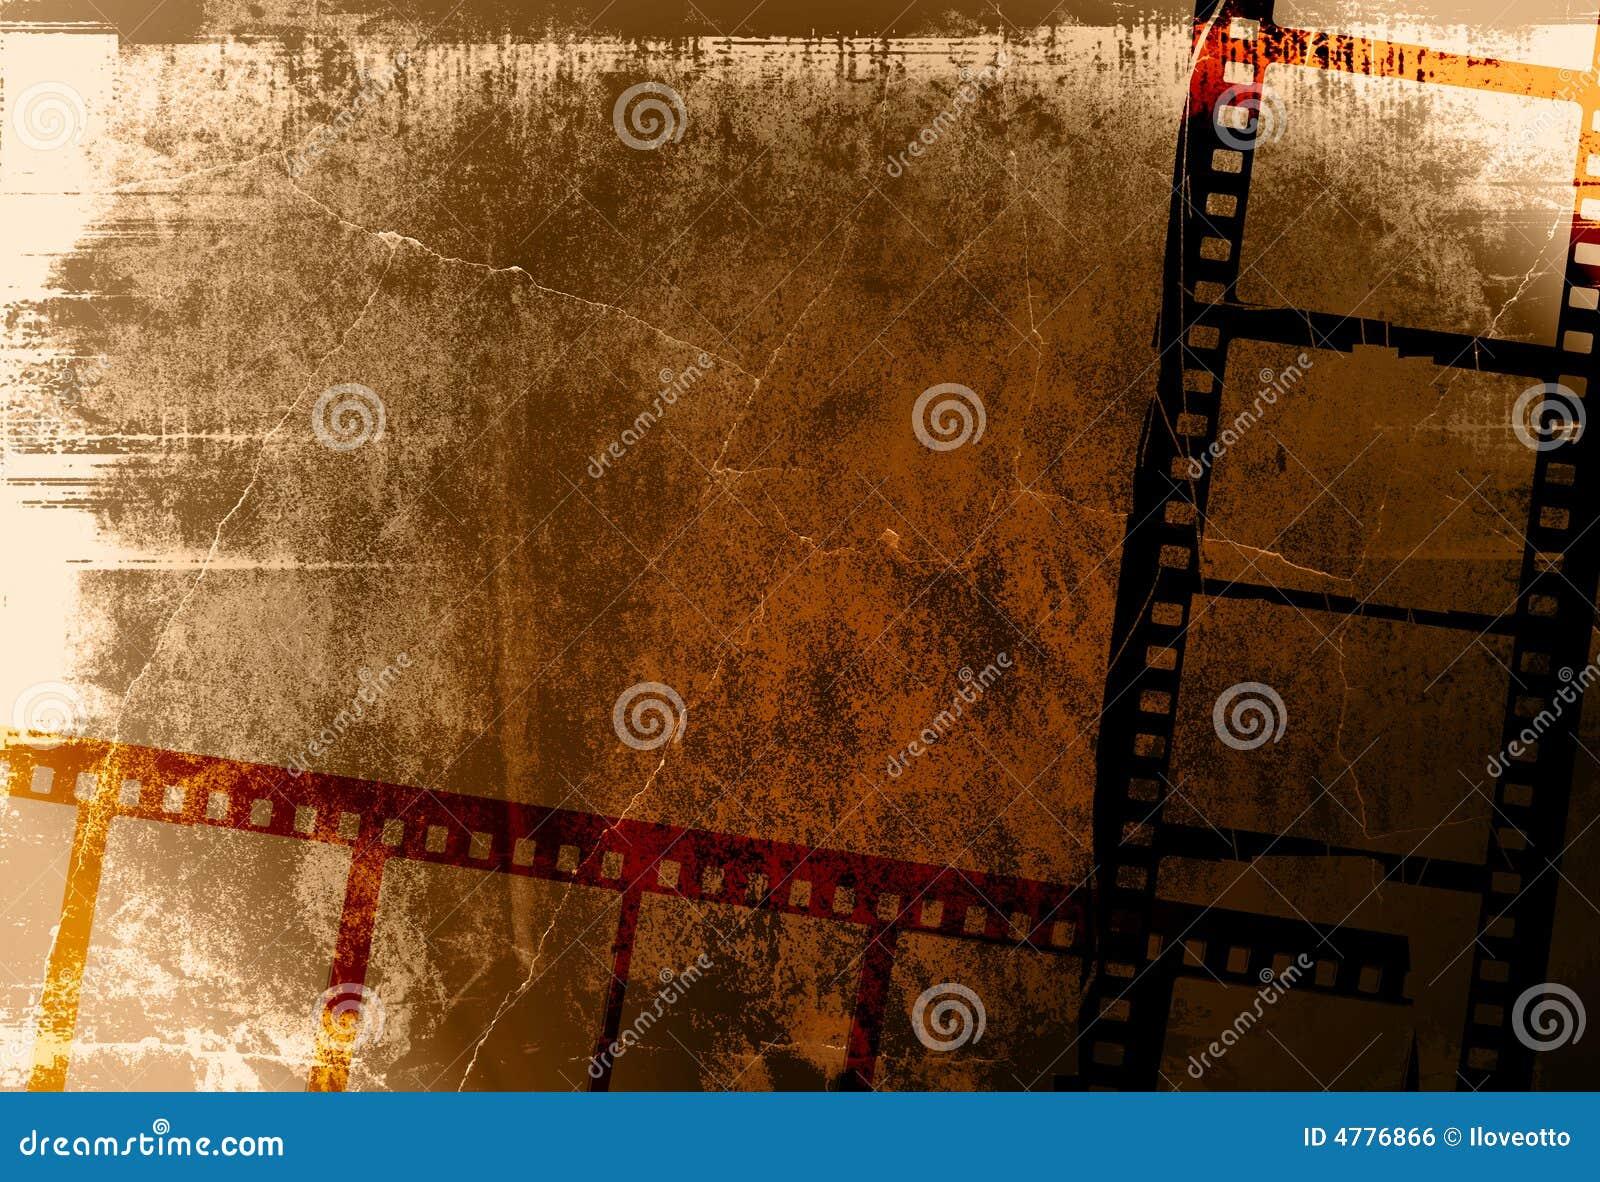 фотопленка с большим зерном старину такие участки